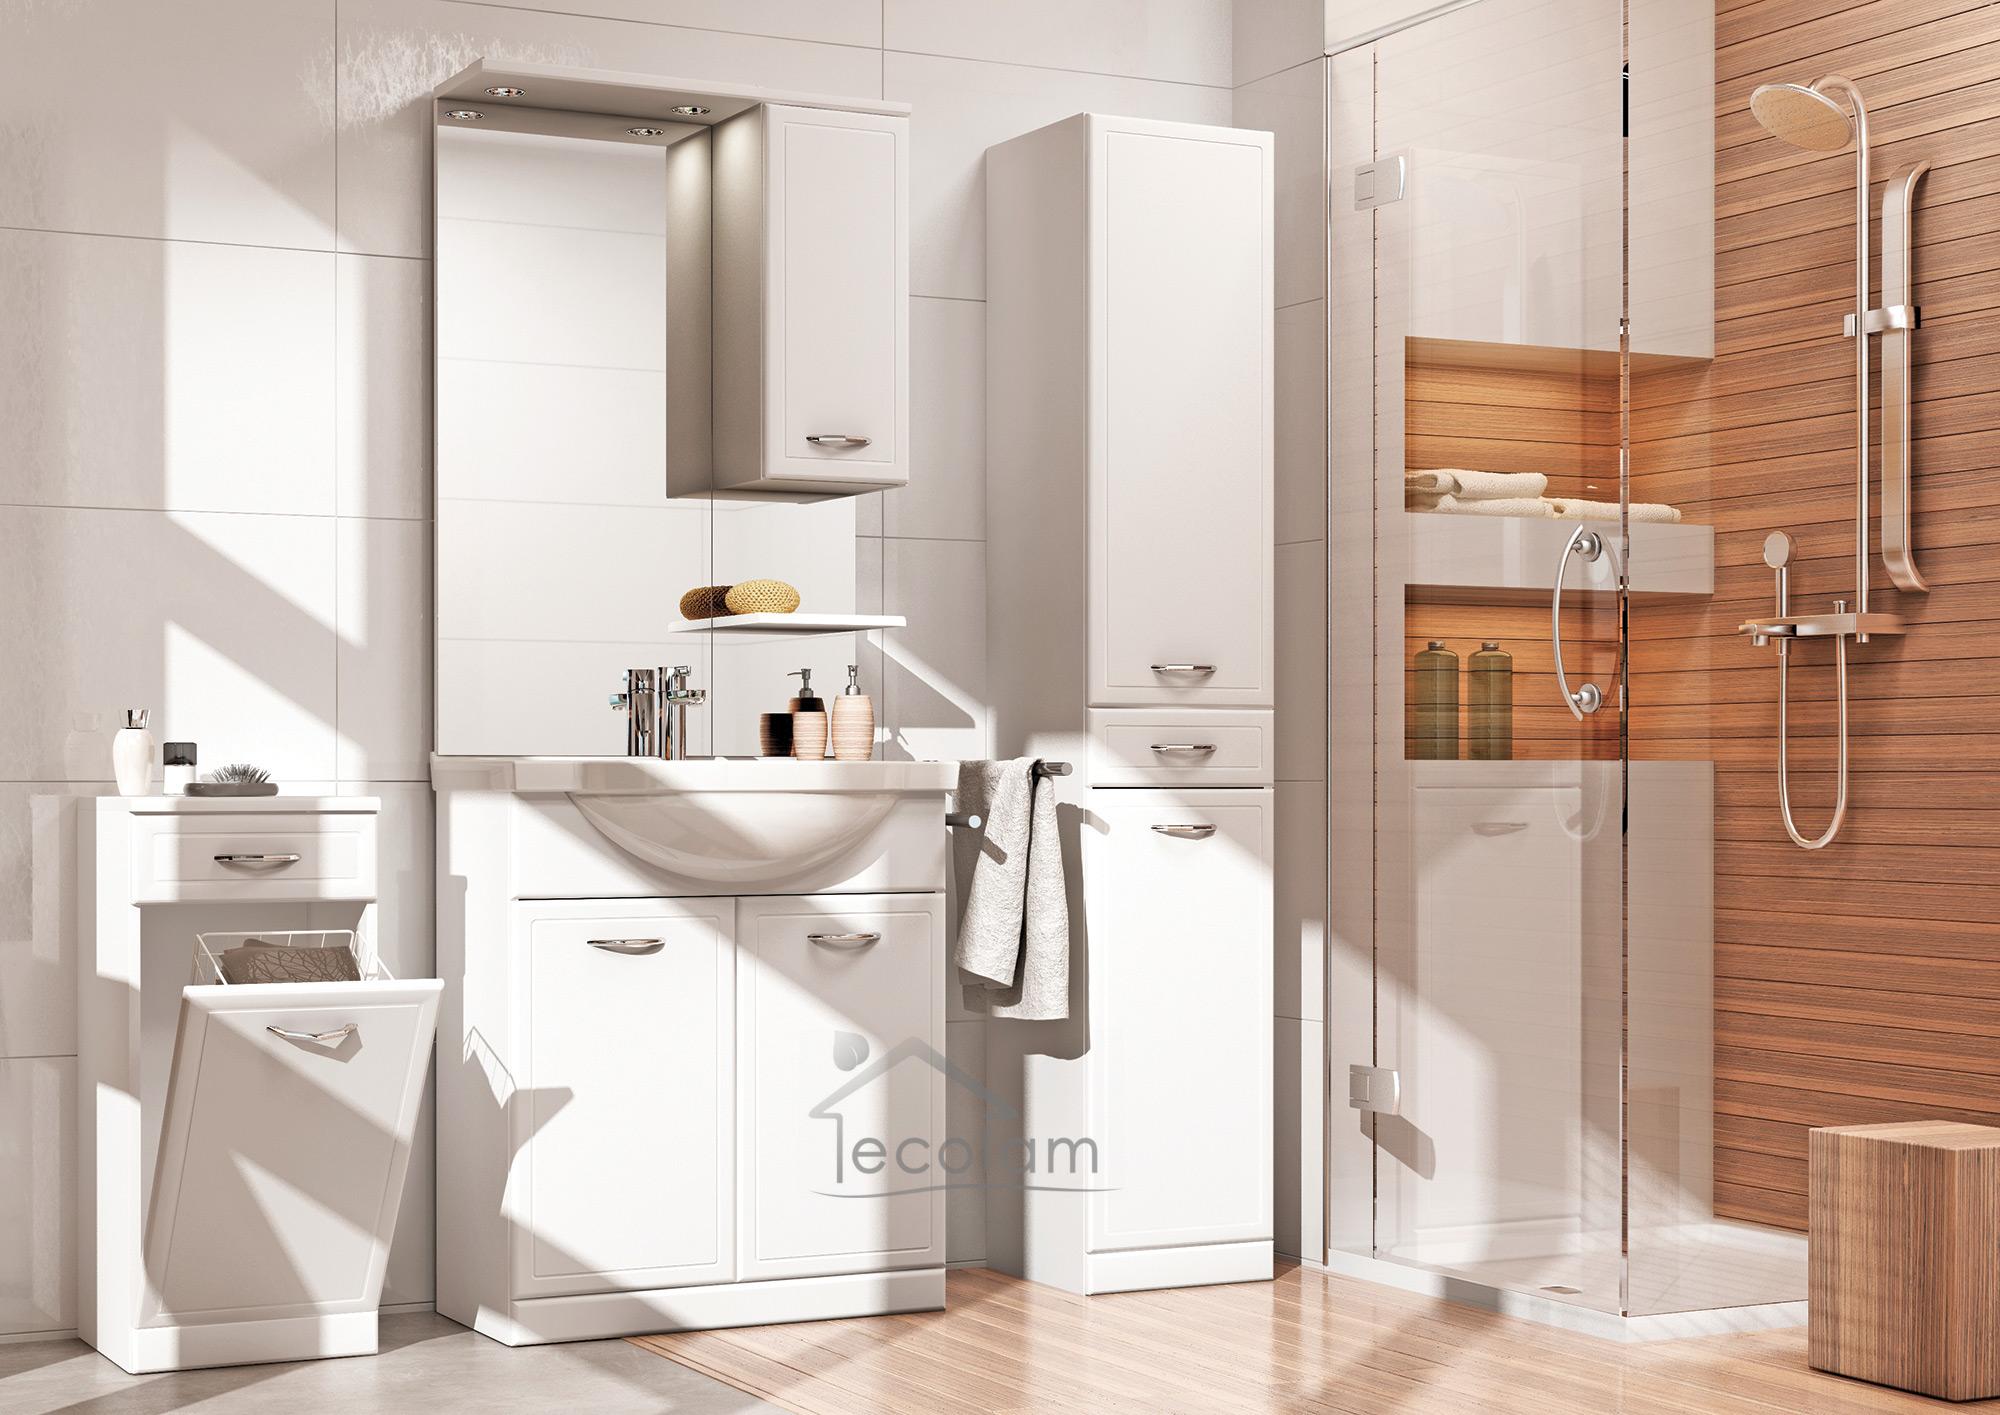 badm bel waschbecken set 55 cm waschtisch unterschrank t ren siphon click clack ebay. Black Bedroom Furniture Sets. Home Design Ideas